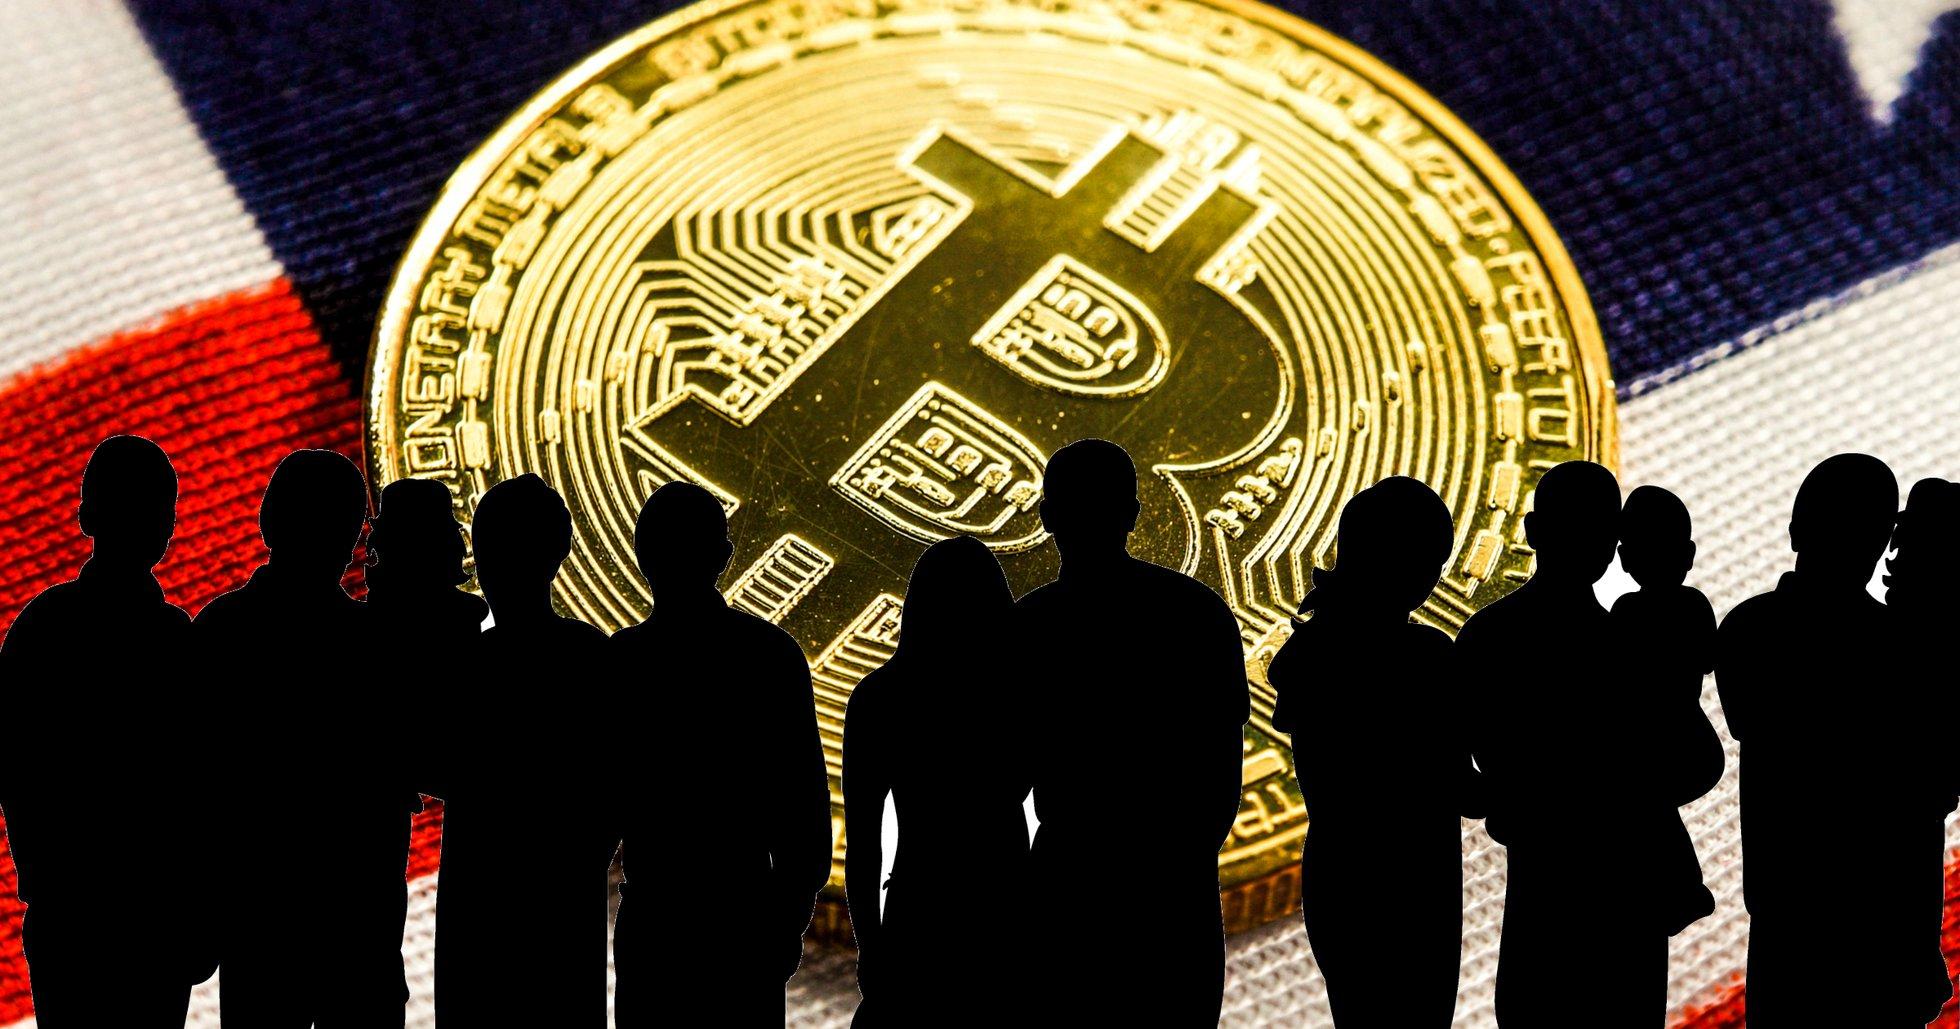 Ny undersökning visar: 83 procent av amerikanerna vill prova köpa bitcoin.